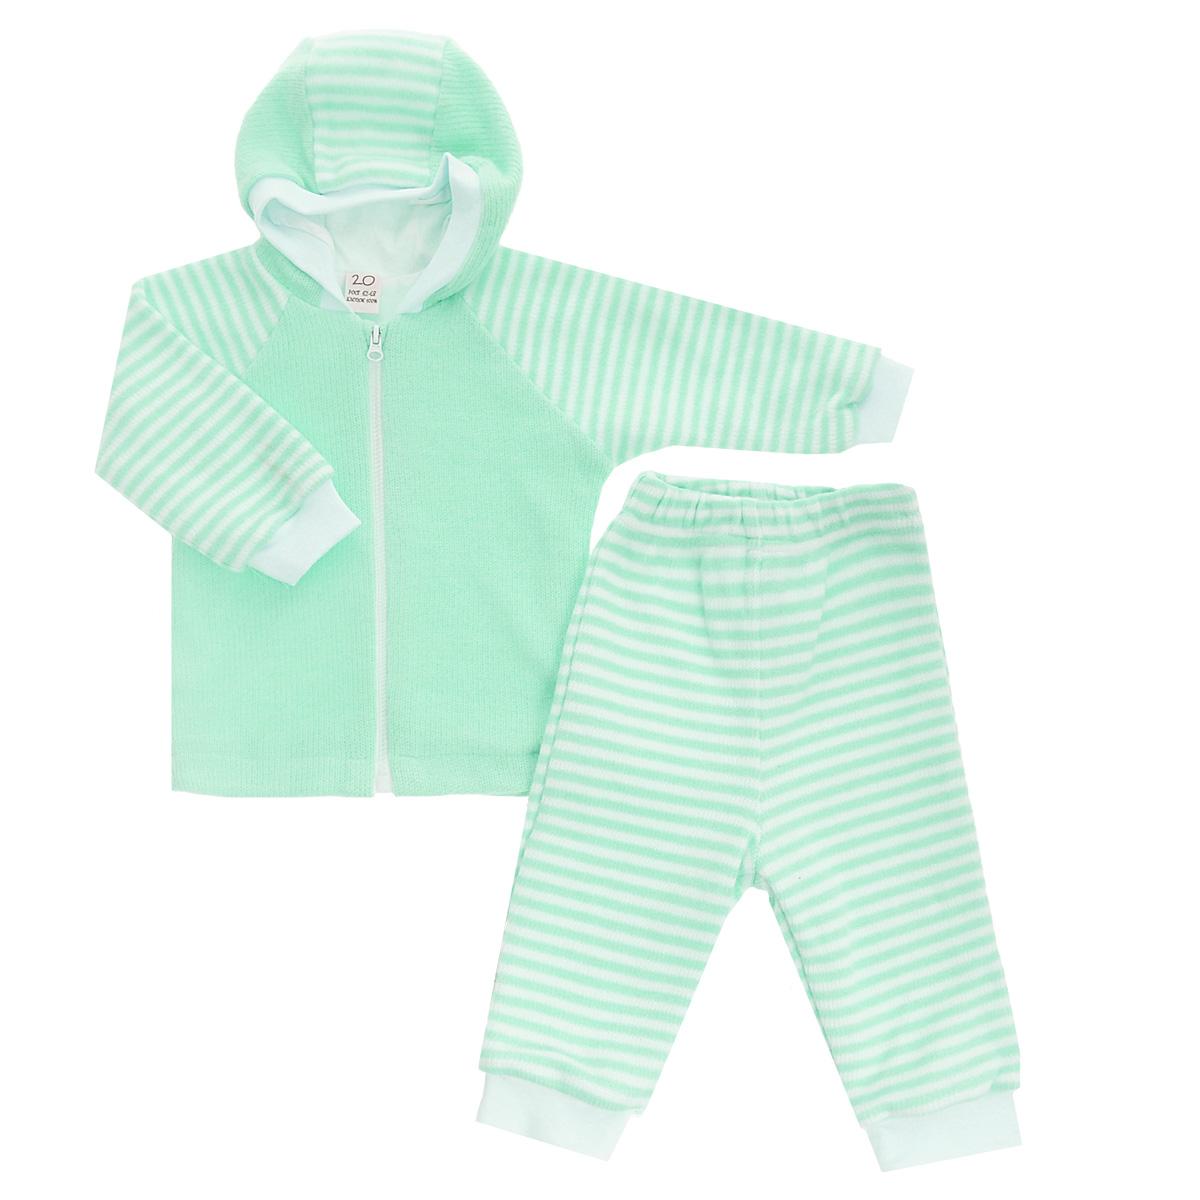 Комплект детский: кофта, брюки. 4-154-15Детский вязаный комплект Lucky Child, состоящий из кофты и брюк - очень удобный и практичный. Комплект выполнен из натурального хлопка, на подкладке также используется натуральный хлопок, благодаря чему он необычайно мягкий и приятный на ощупь, не раздражают нежную кожу ребенка и хорошо вентилируются, а эластичные швы приятны телу малыша и не препятствуют его движениям. Кофта с капюшоном и длинными рукавами-реглан застегивается на пластиковую застежку-молнию. Рукава понизу дополнены широкими трикотажными манжетами, не перетягивающими запястья. Брюки прямого покроя на талии имеют широкую эластичную резинку, благодаря чему они не сдавливают животик ребенка и не сползают. Понизу штанины также дополнены широкими трикотажными манжетами. Комплект идеален как самостоятельная верхняя одежда прохладным летом или ранней осенью. Комплект полностью соответствует особенностям жизни малыша, не стесняя и не ограничивая его в движениях!